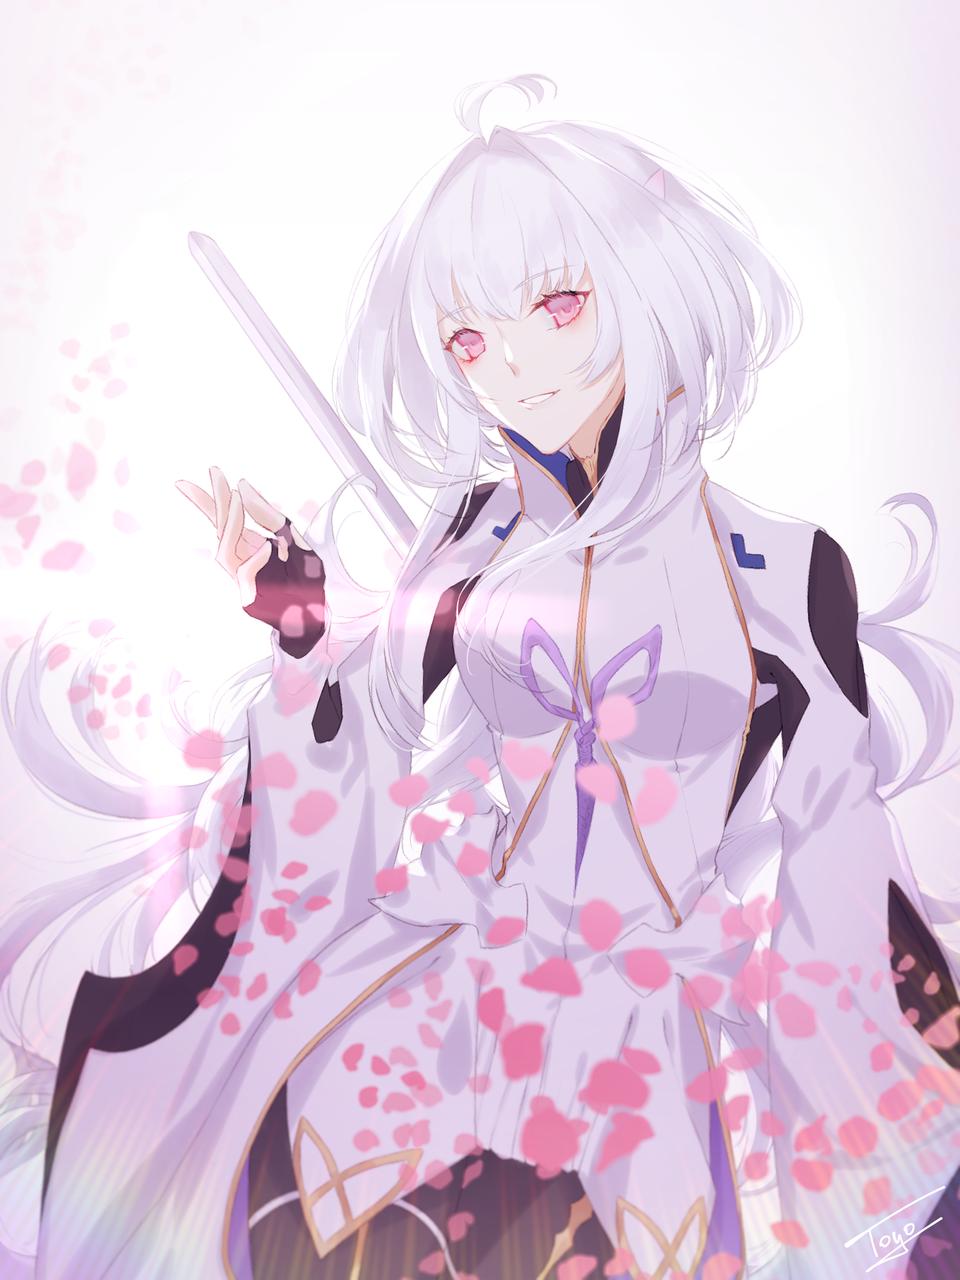 お花のお姉さん🌸 Illust of 十四 | TOYO white_hair マーリン(Fate) Fate/GrandOrder プロトマーリン